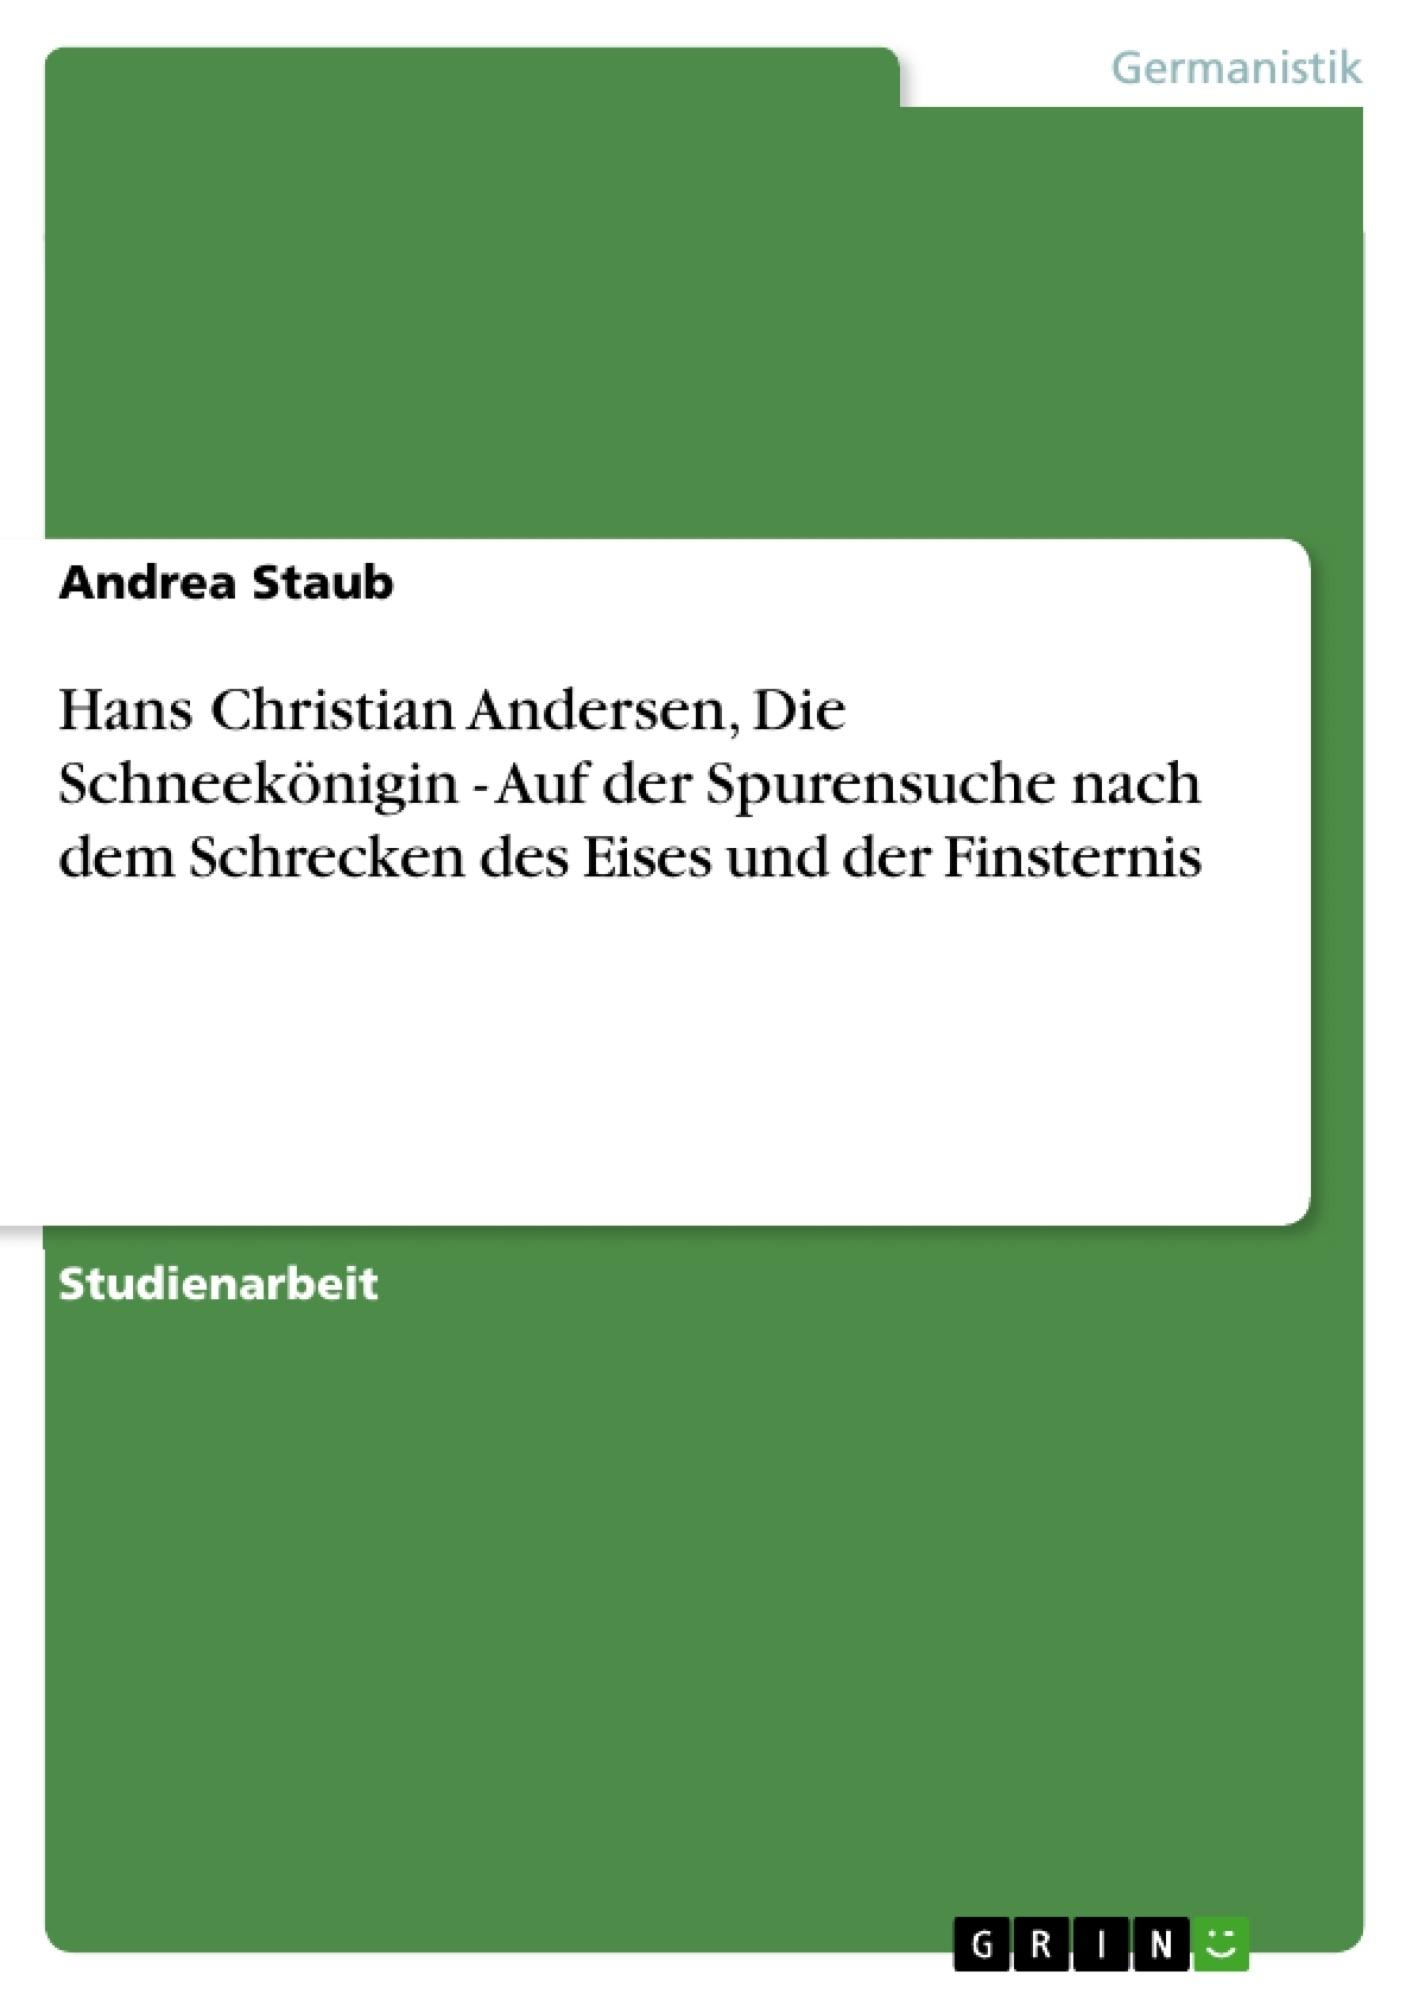 Titel: Hans Christian Andersen, Die Schneekönigin - Auf der Spurensuche nach dem Schrecken des Eises und der Finsternis